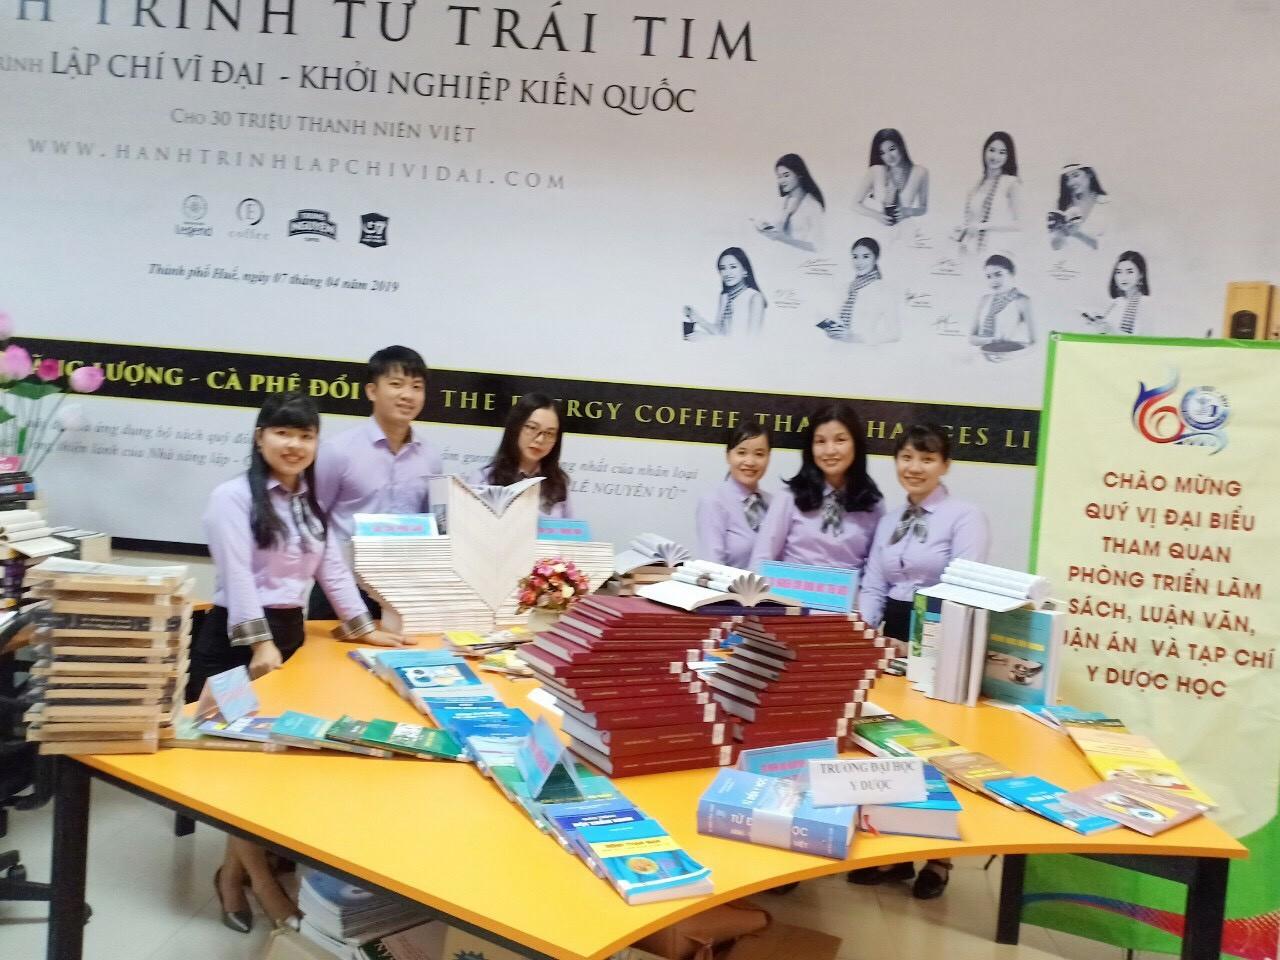 Trung tâm Thông tin Thư viện tham gia các hoạt động hưởng ứng ngày sách Việt Nam lần thứ 6